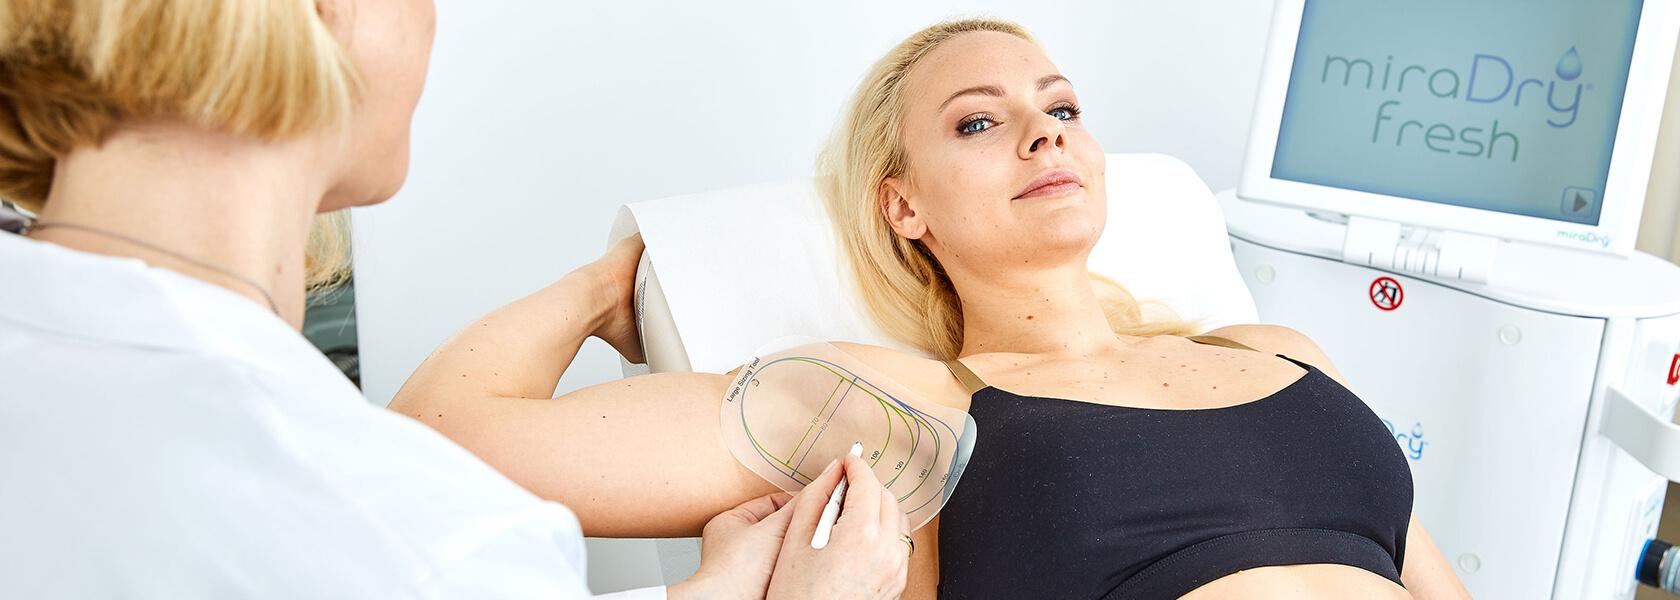 Hyperhidrose, Hyperhidrose Behandlung, miradry, die dauerhafte Lösung gegen Achsel Schweiß